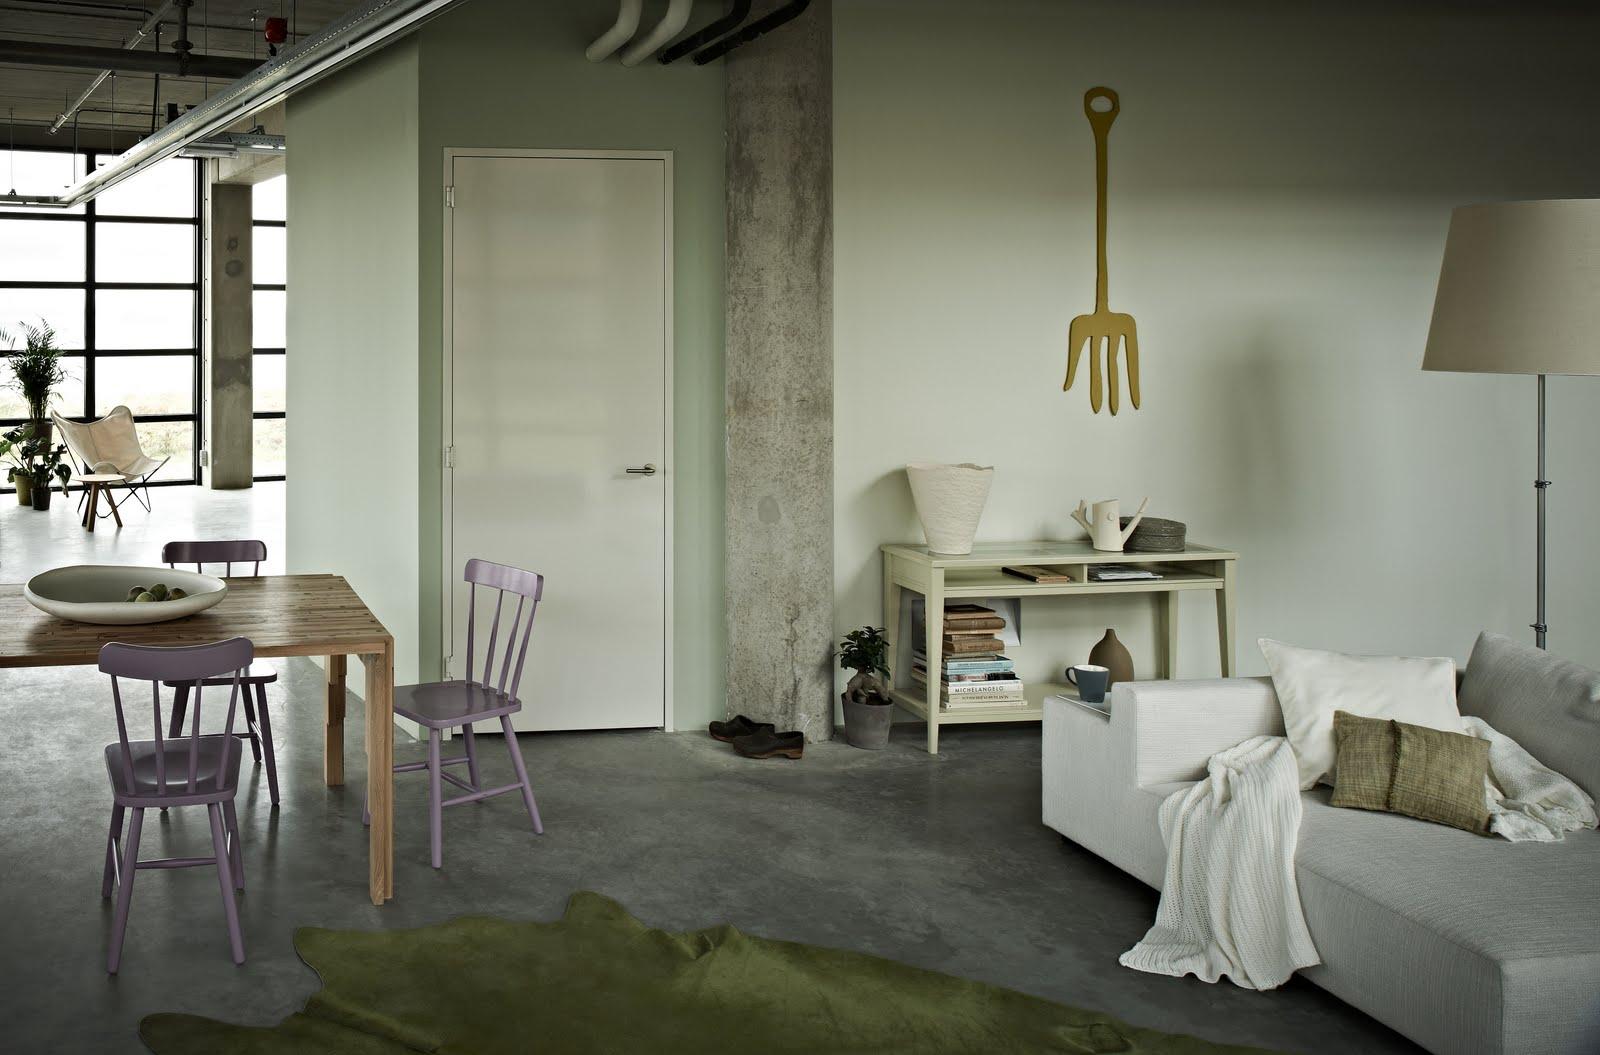 Kleurenpalet paars groen oker grijs villa d 39 esta for Interieur styling